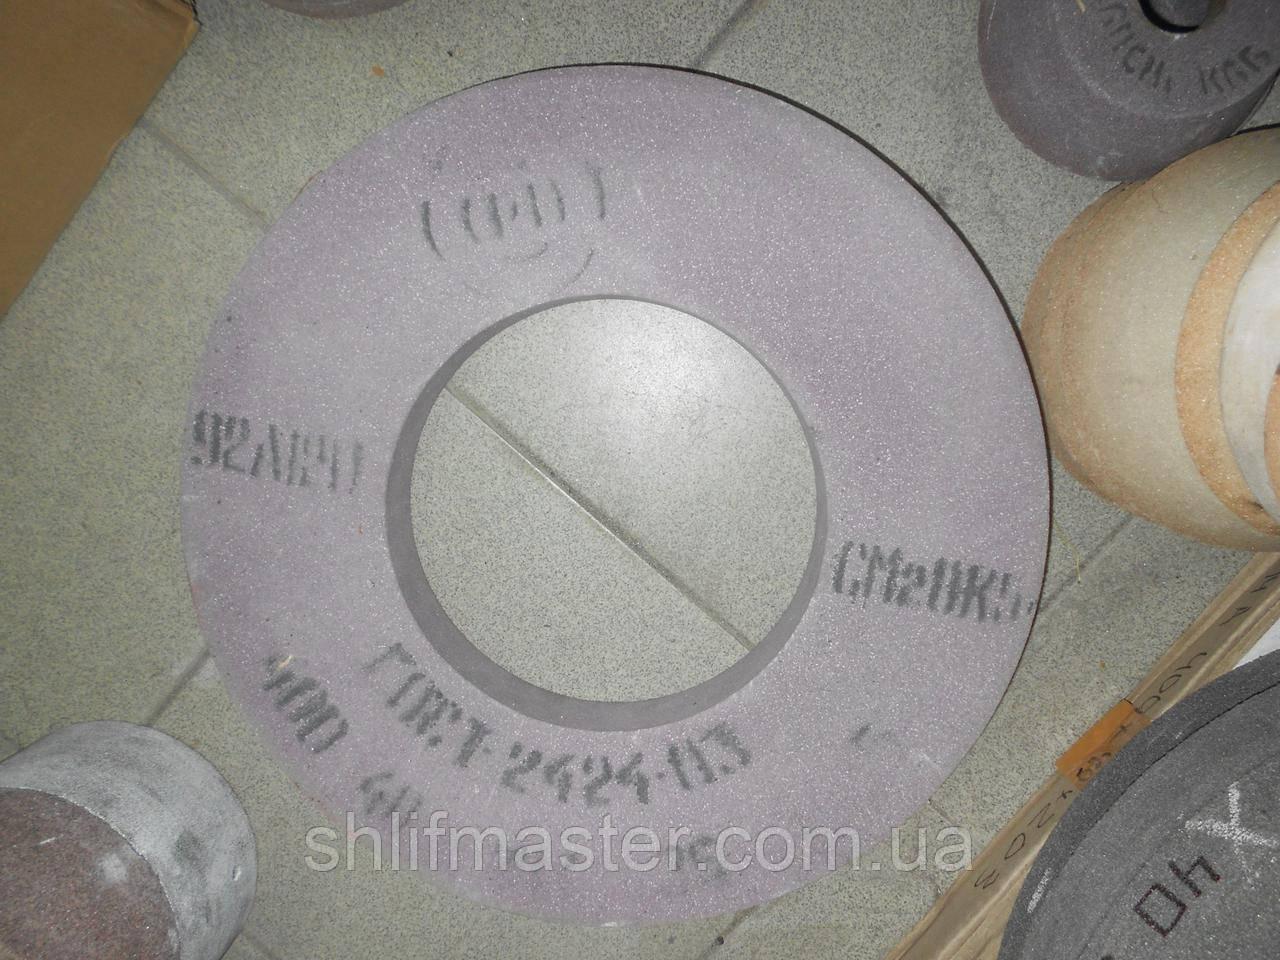 Круг абразивный шлифовальный 91А ПП 400х25х203 32 СМ1 прямого профиля розовый